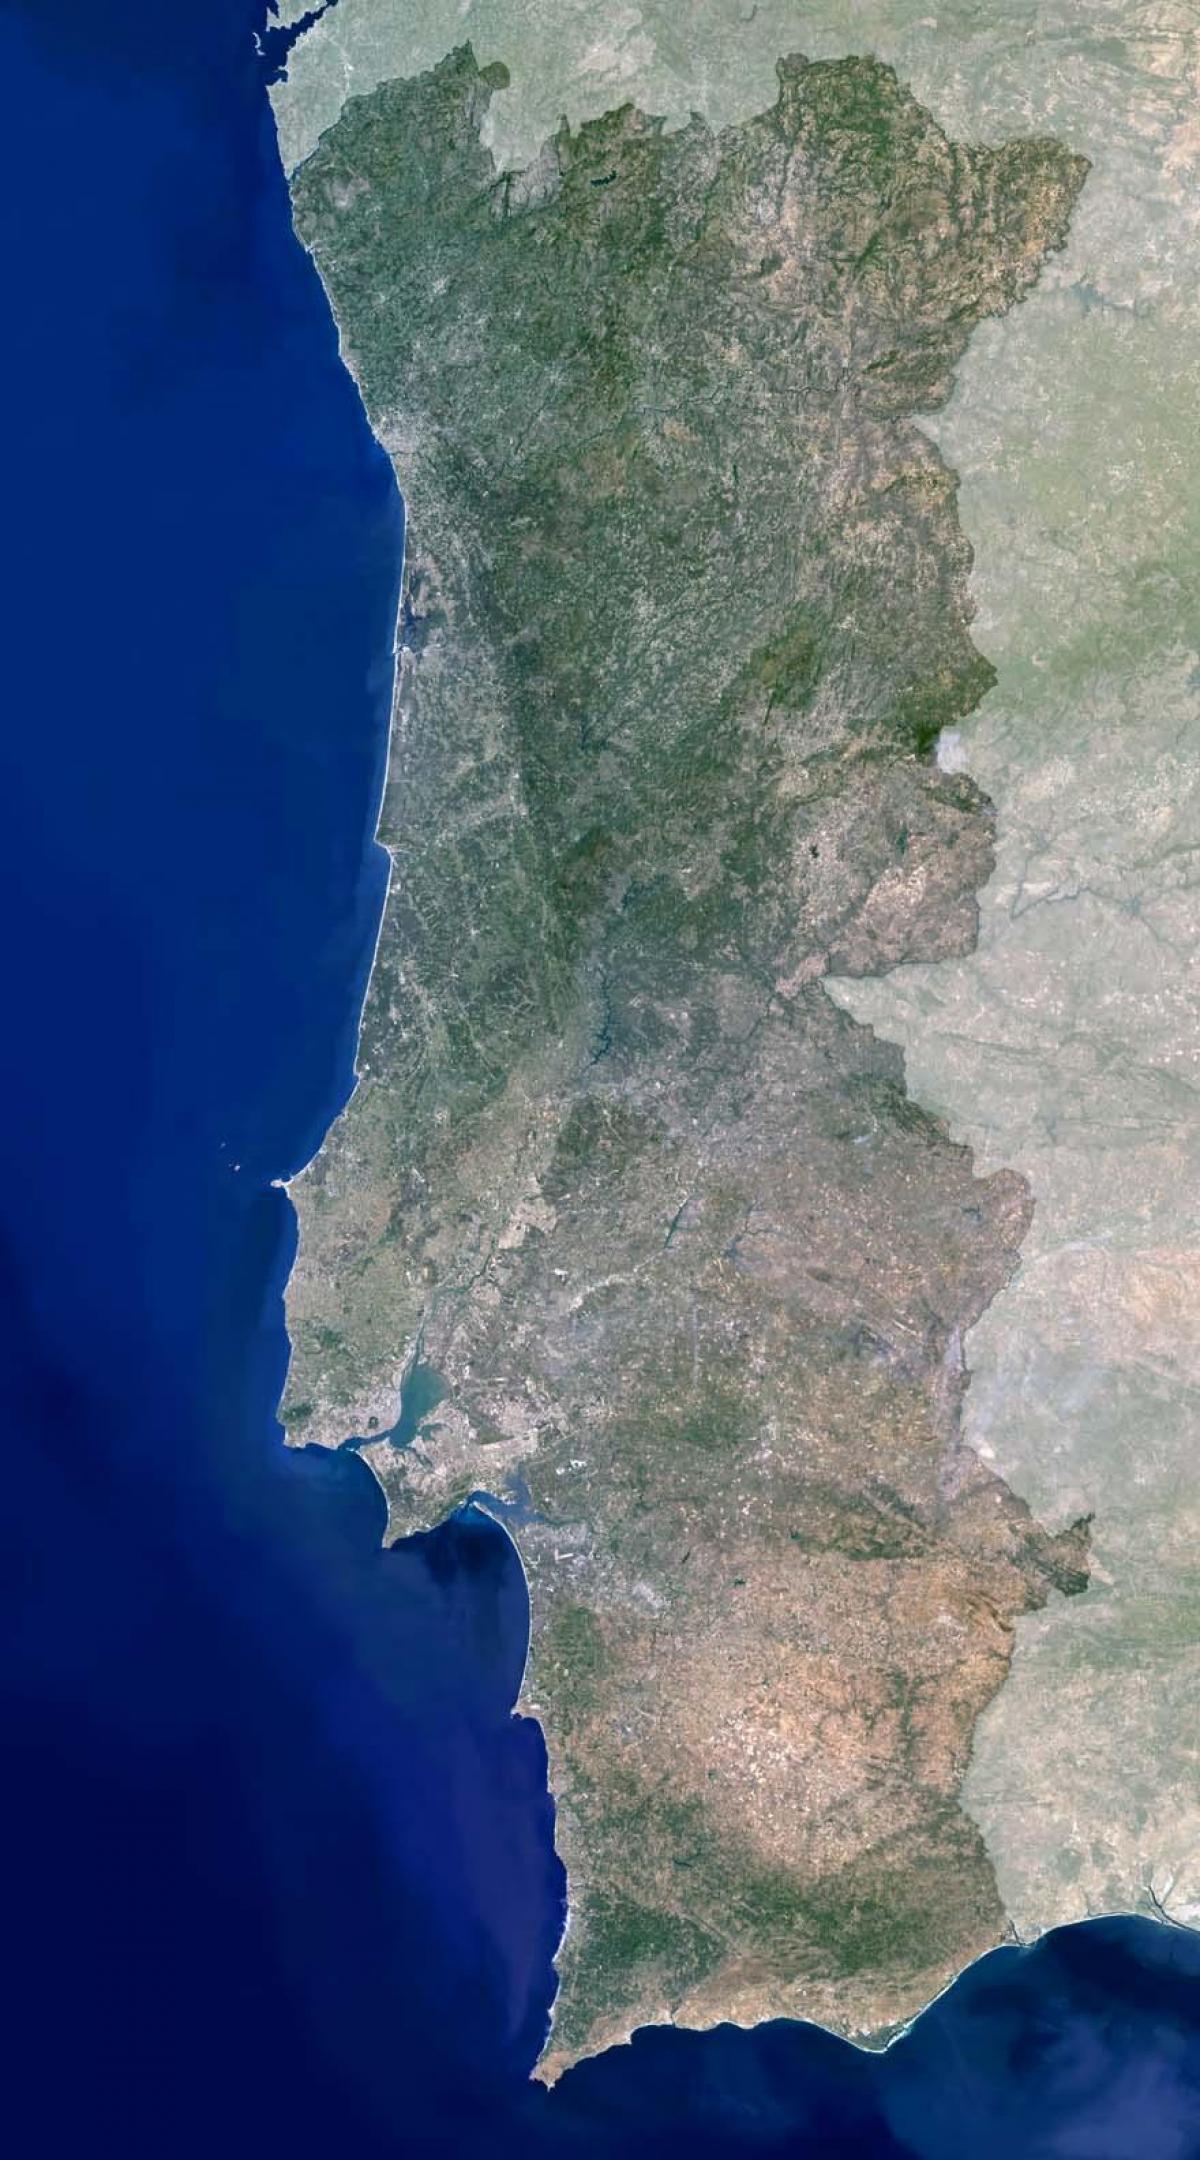 mapa de satelite de portugal Portugal, mapa de satélite   Mapa de Portugal por satélite (Sul da  mapa de satelite de portugal